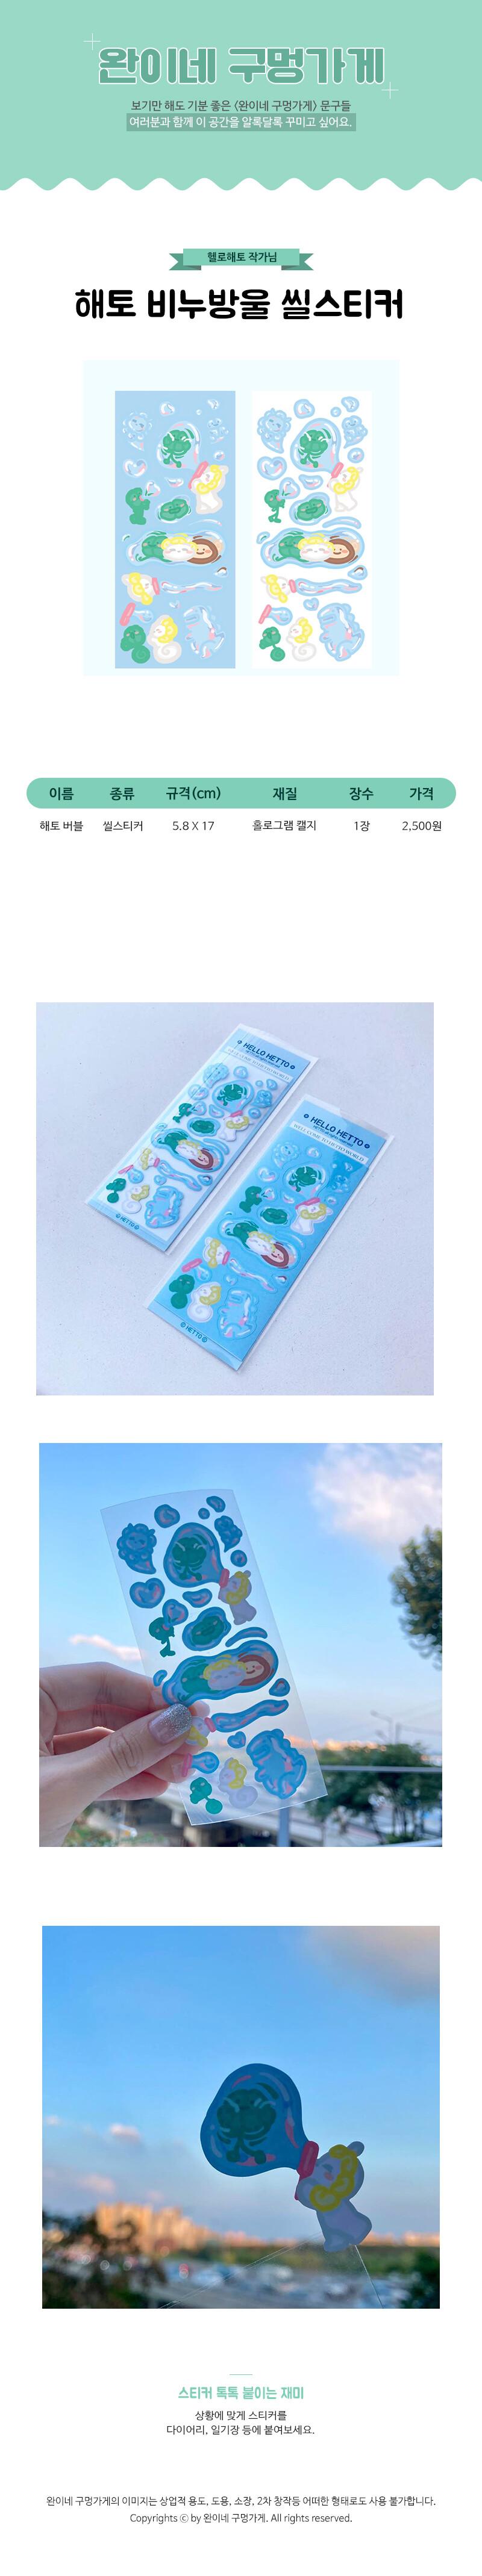 sticker804